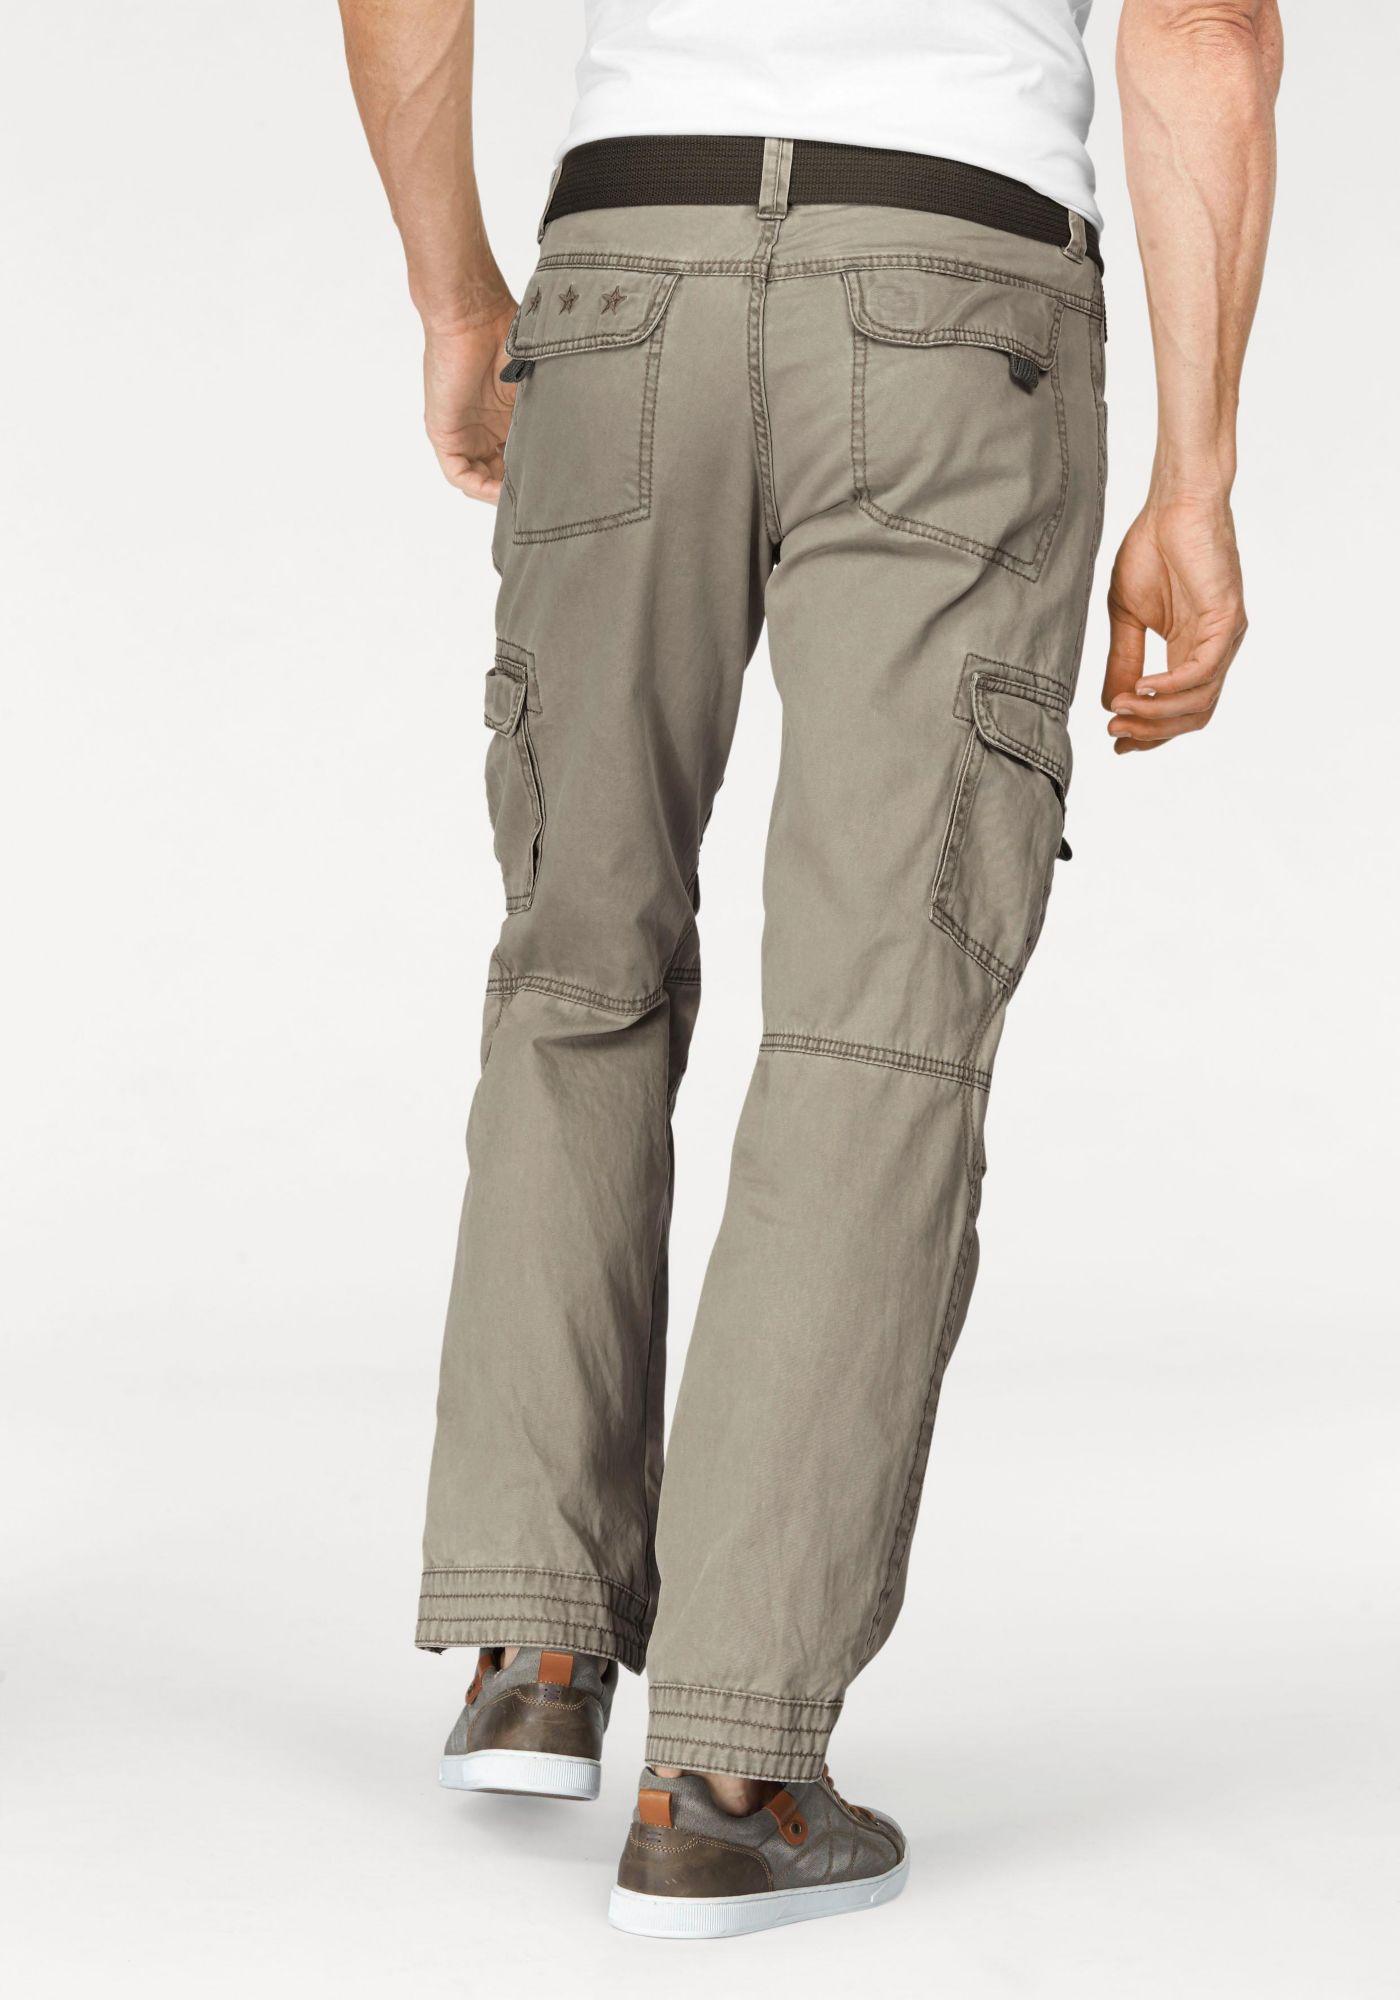 Брюки мужские купить брюки милитари и штаны мужские